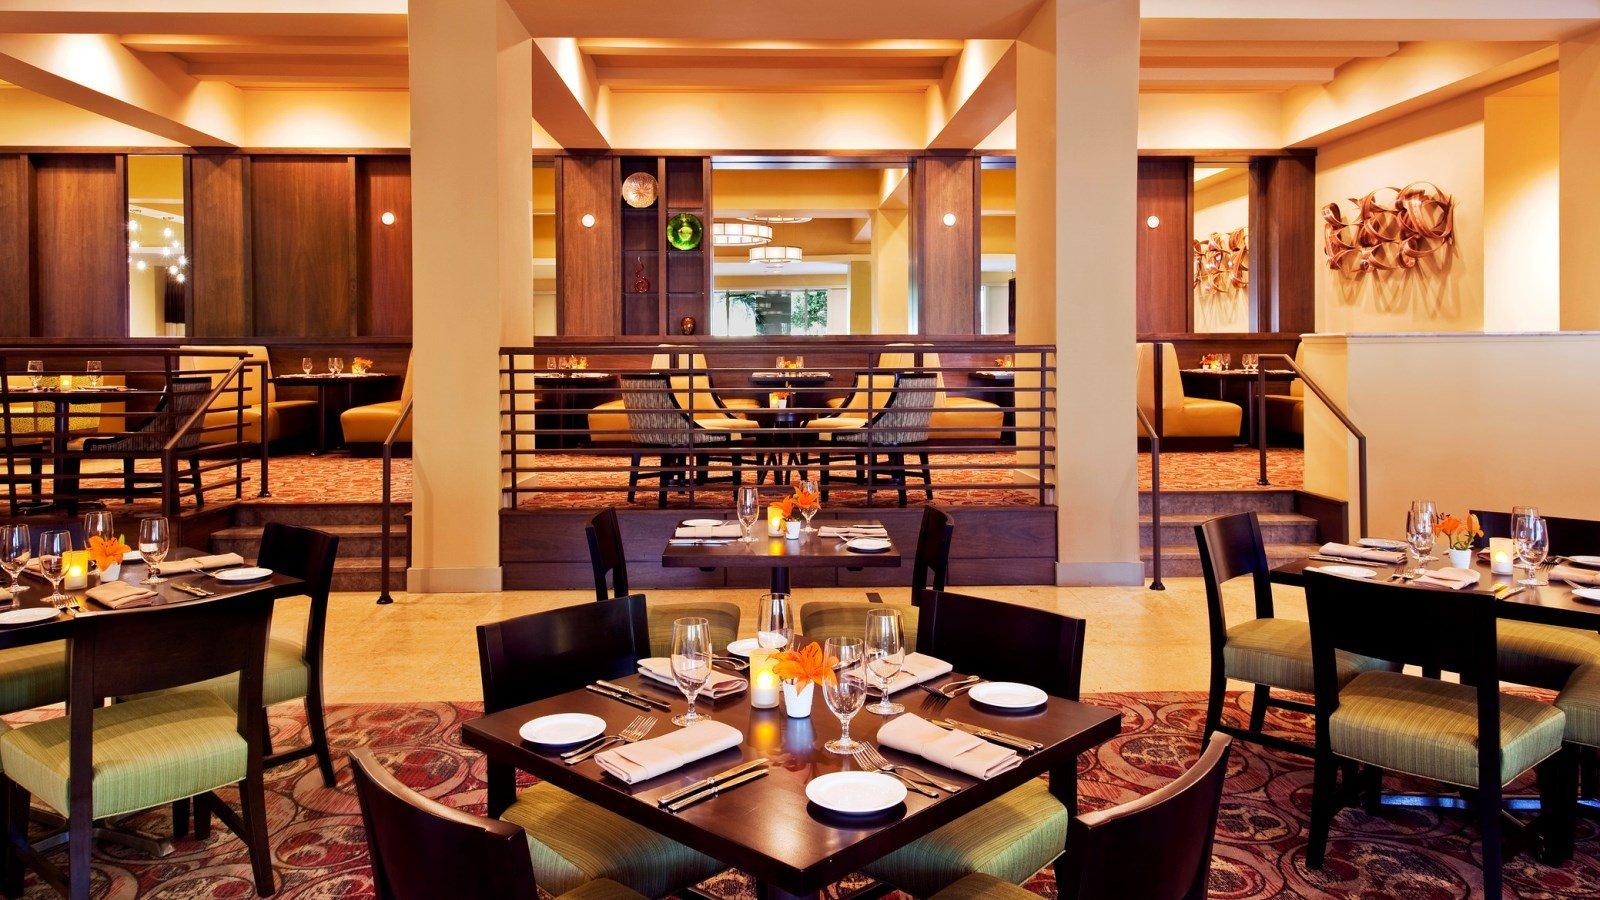 La parrilla Don Julio fue elegida el cuarto mejor restaurante de Latinoamérica